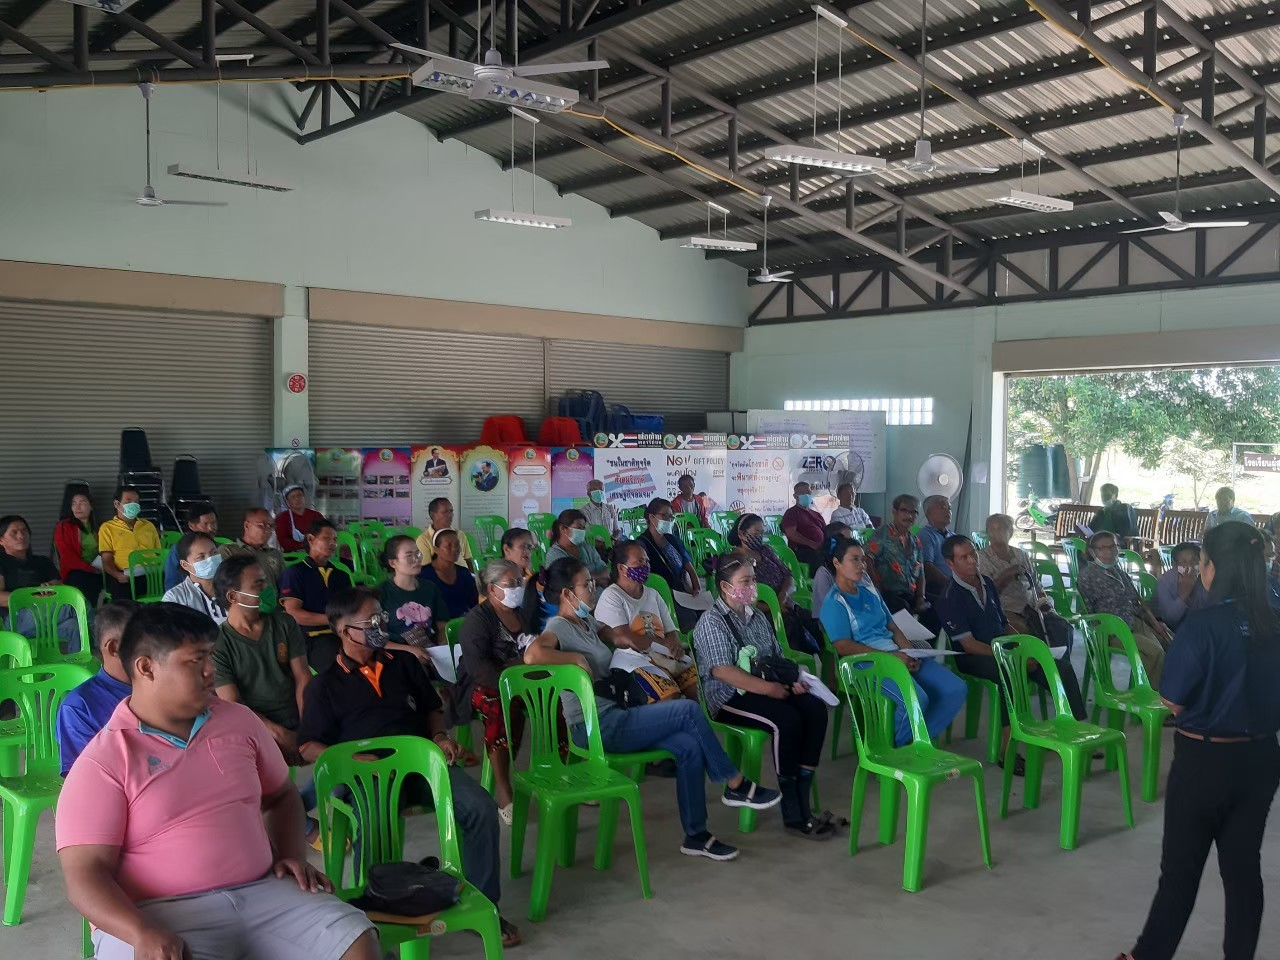 ประชุมประชาคมเพื่อขอใช้ที่สาธารณประโยชน์